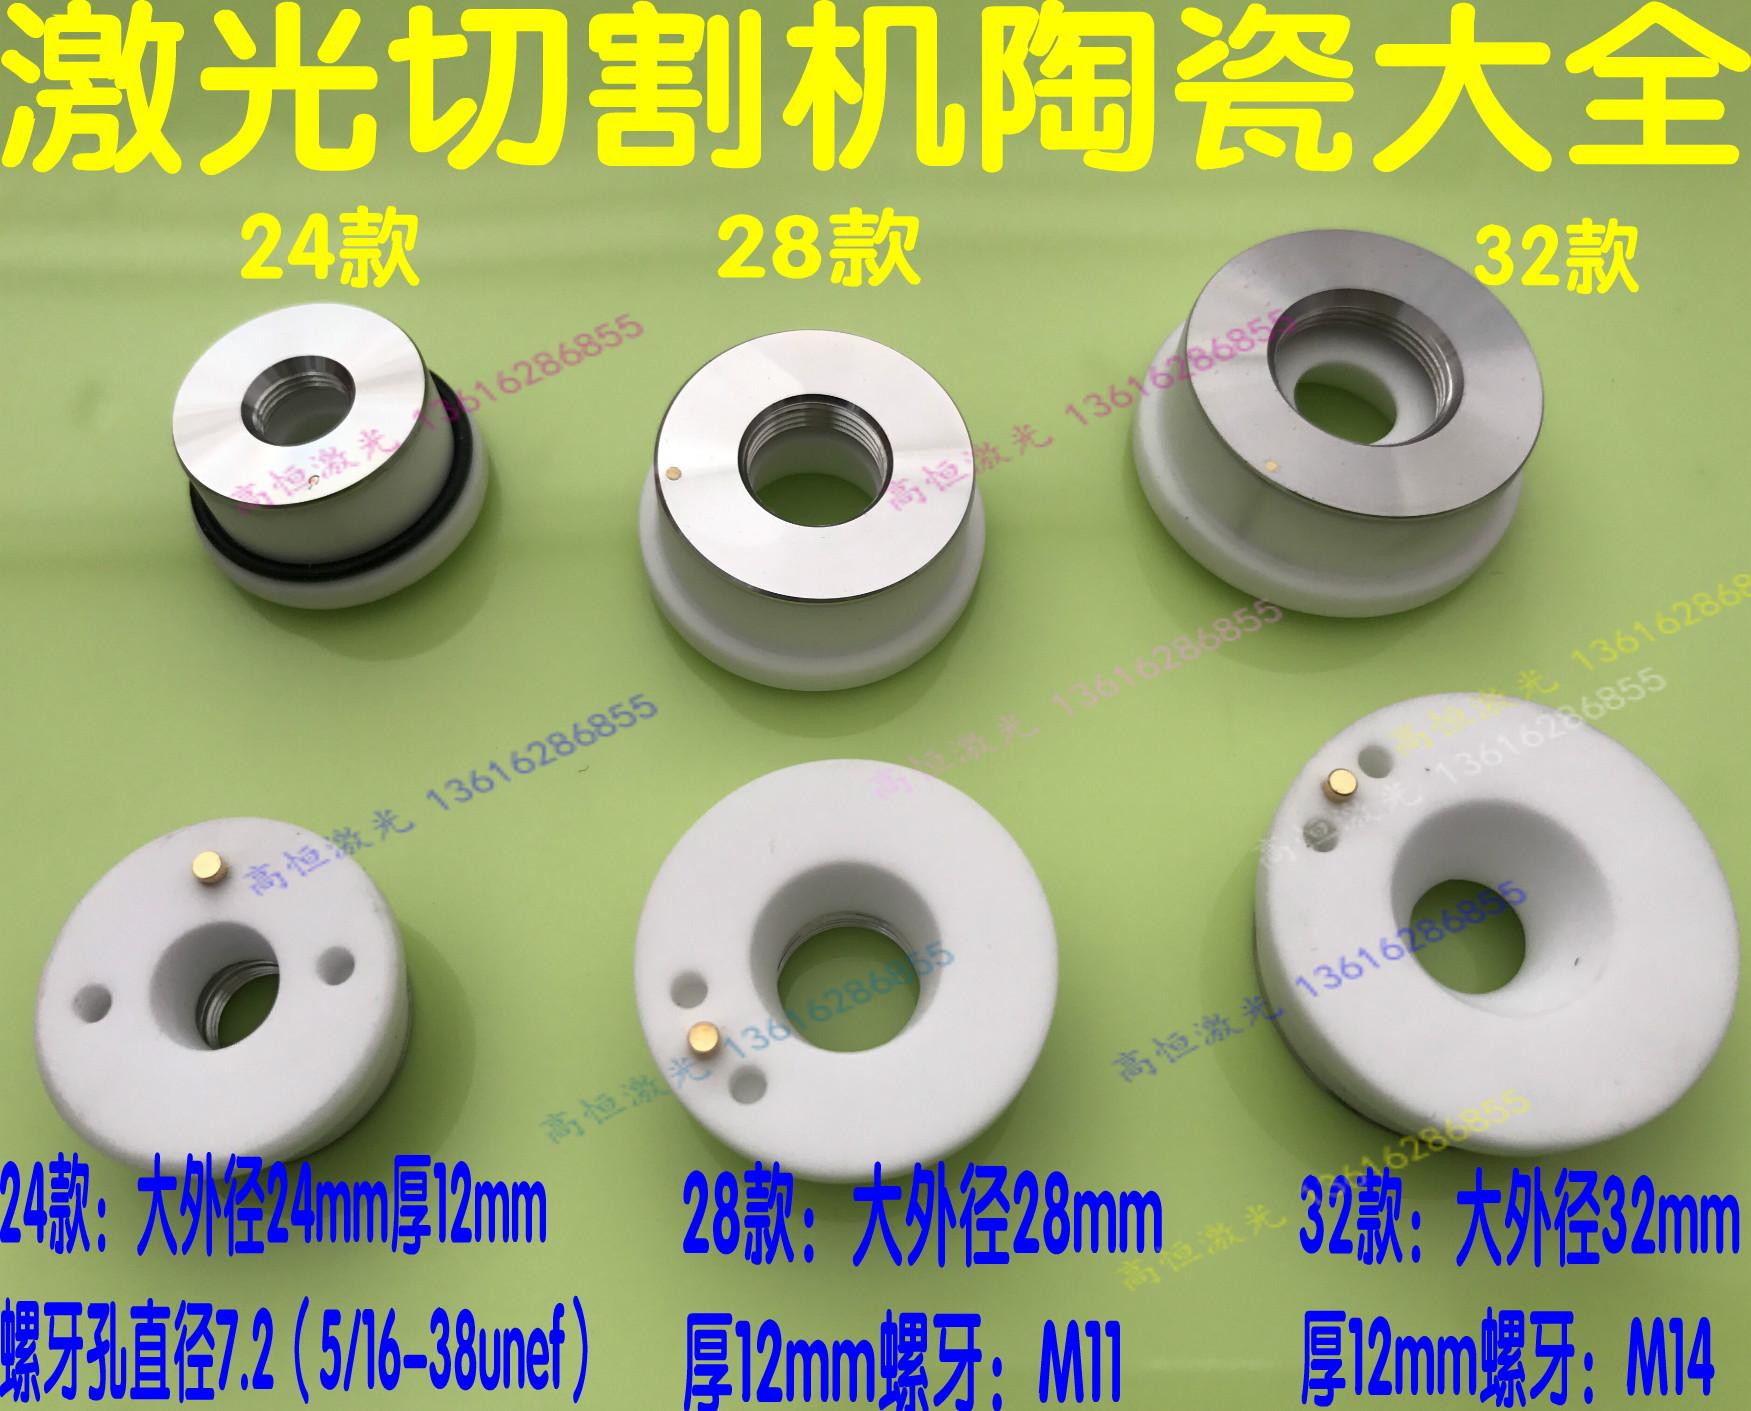 Импорт лазер резак керамика кольцо десять тысяч послушный интерес керамика кольцо десять тысяч послушный интерес керамика тело 24*12 лазер небольшой керамика